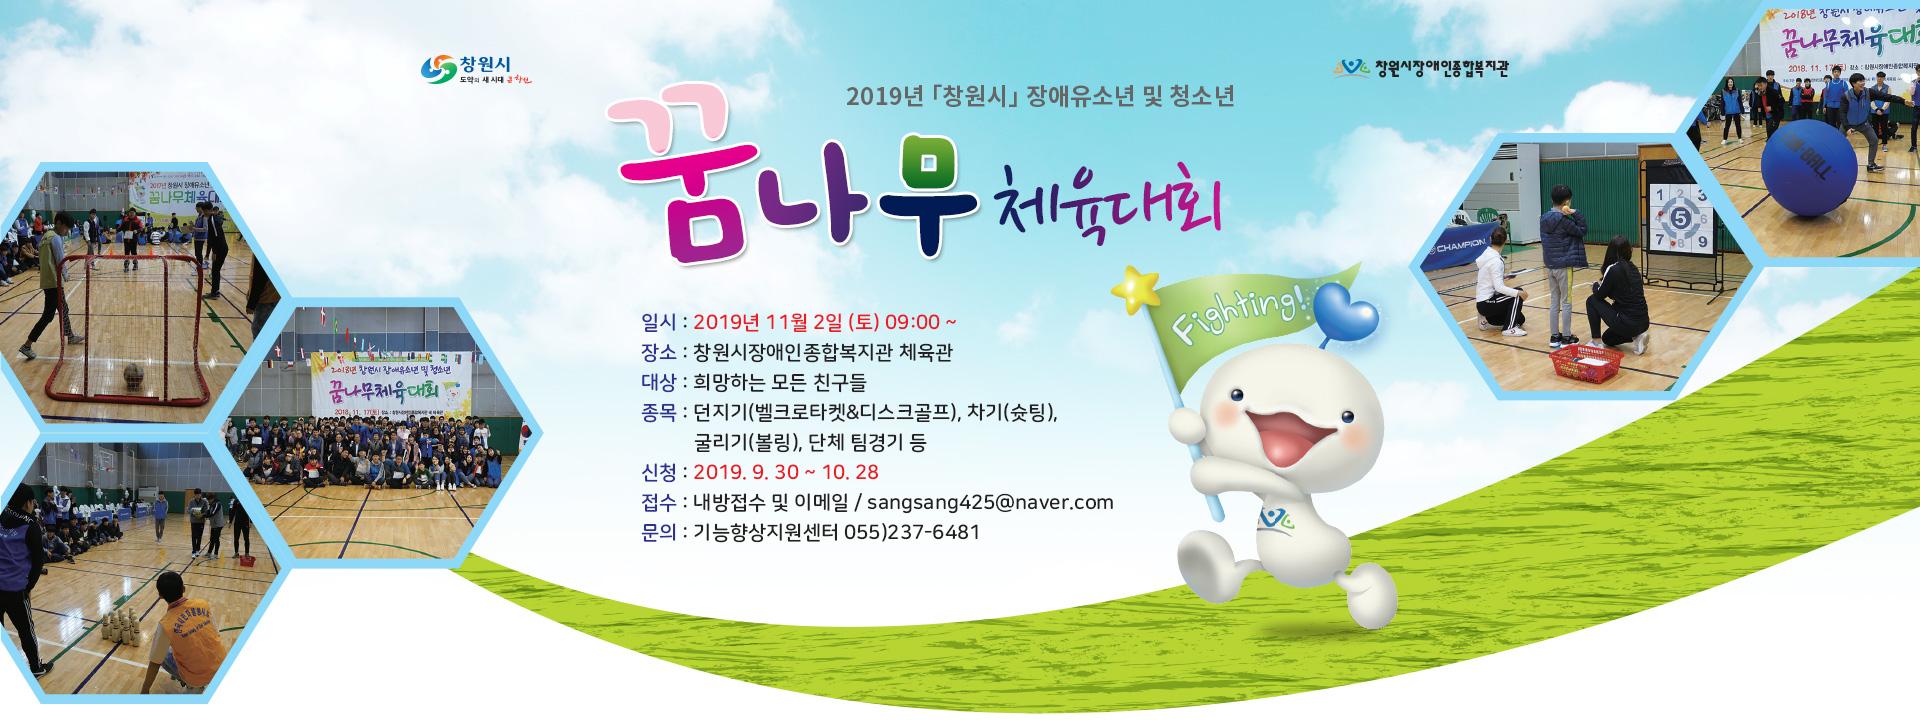 2019년「창원시」장애유소년 및 청소년 꿈나무체육대회